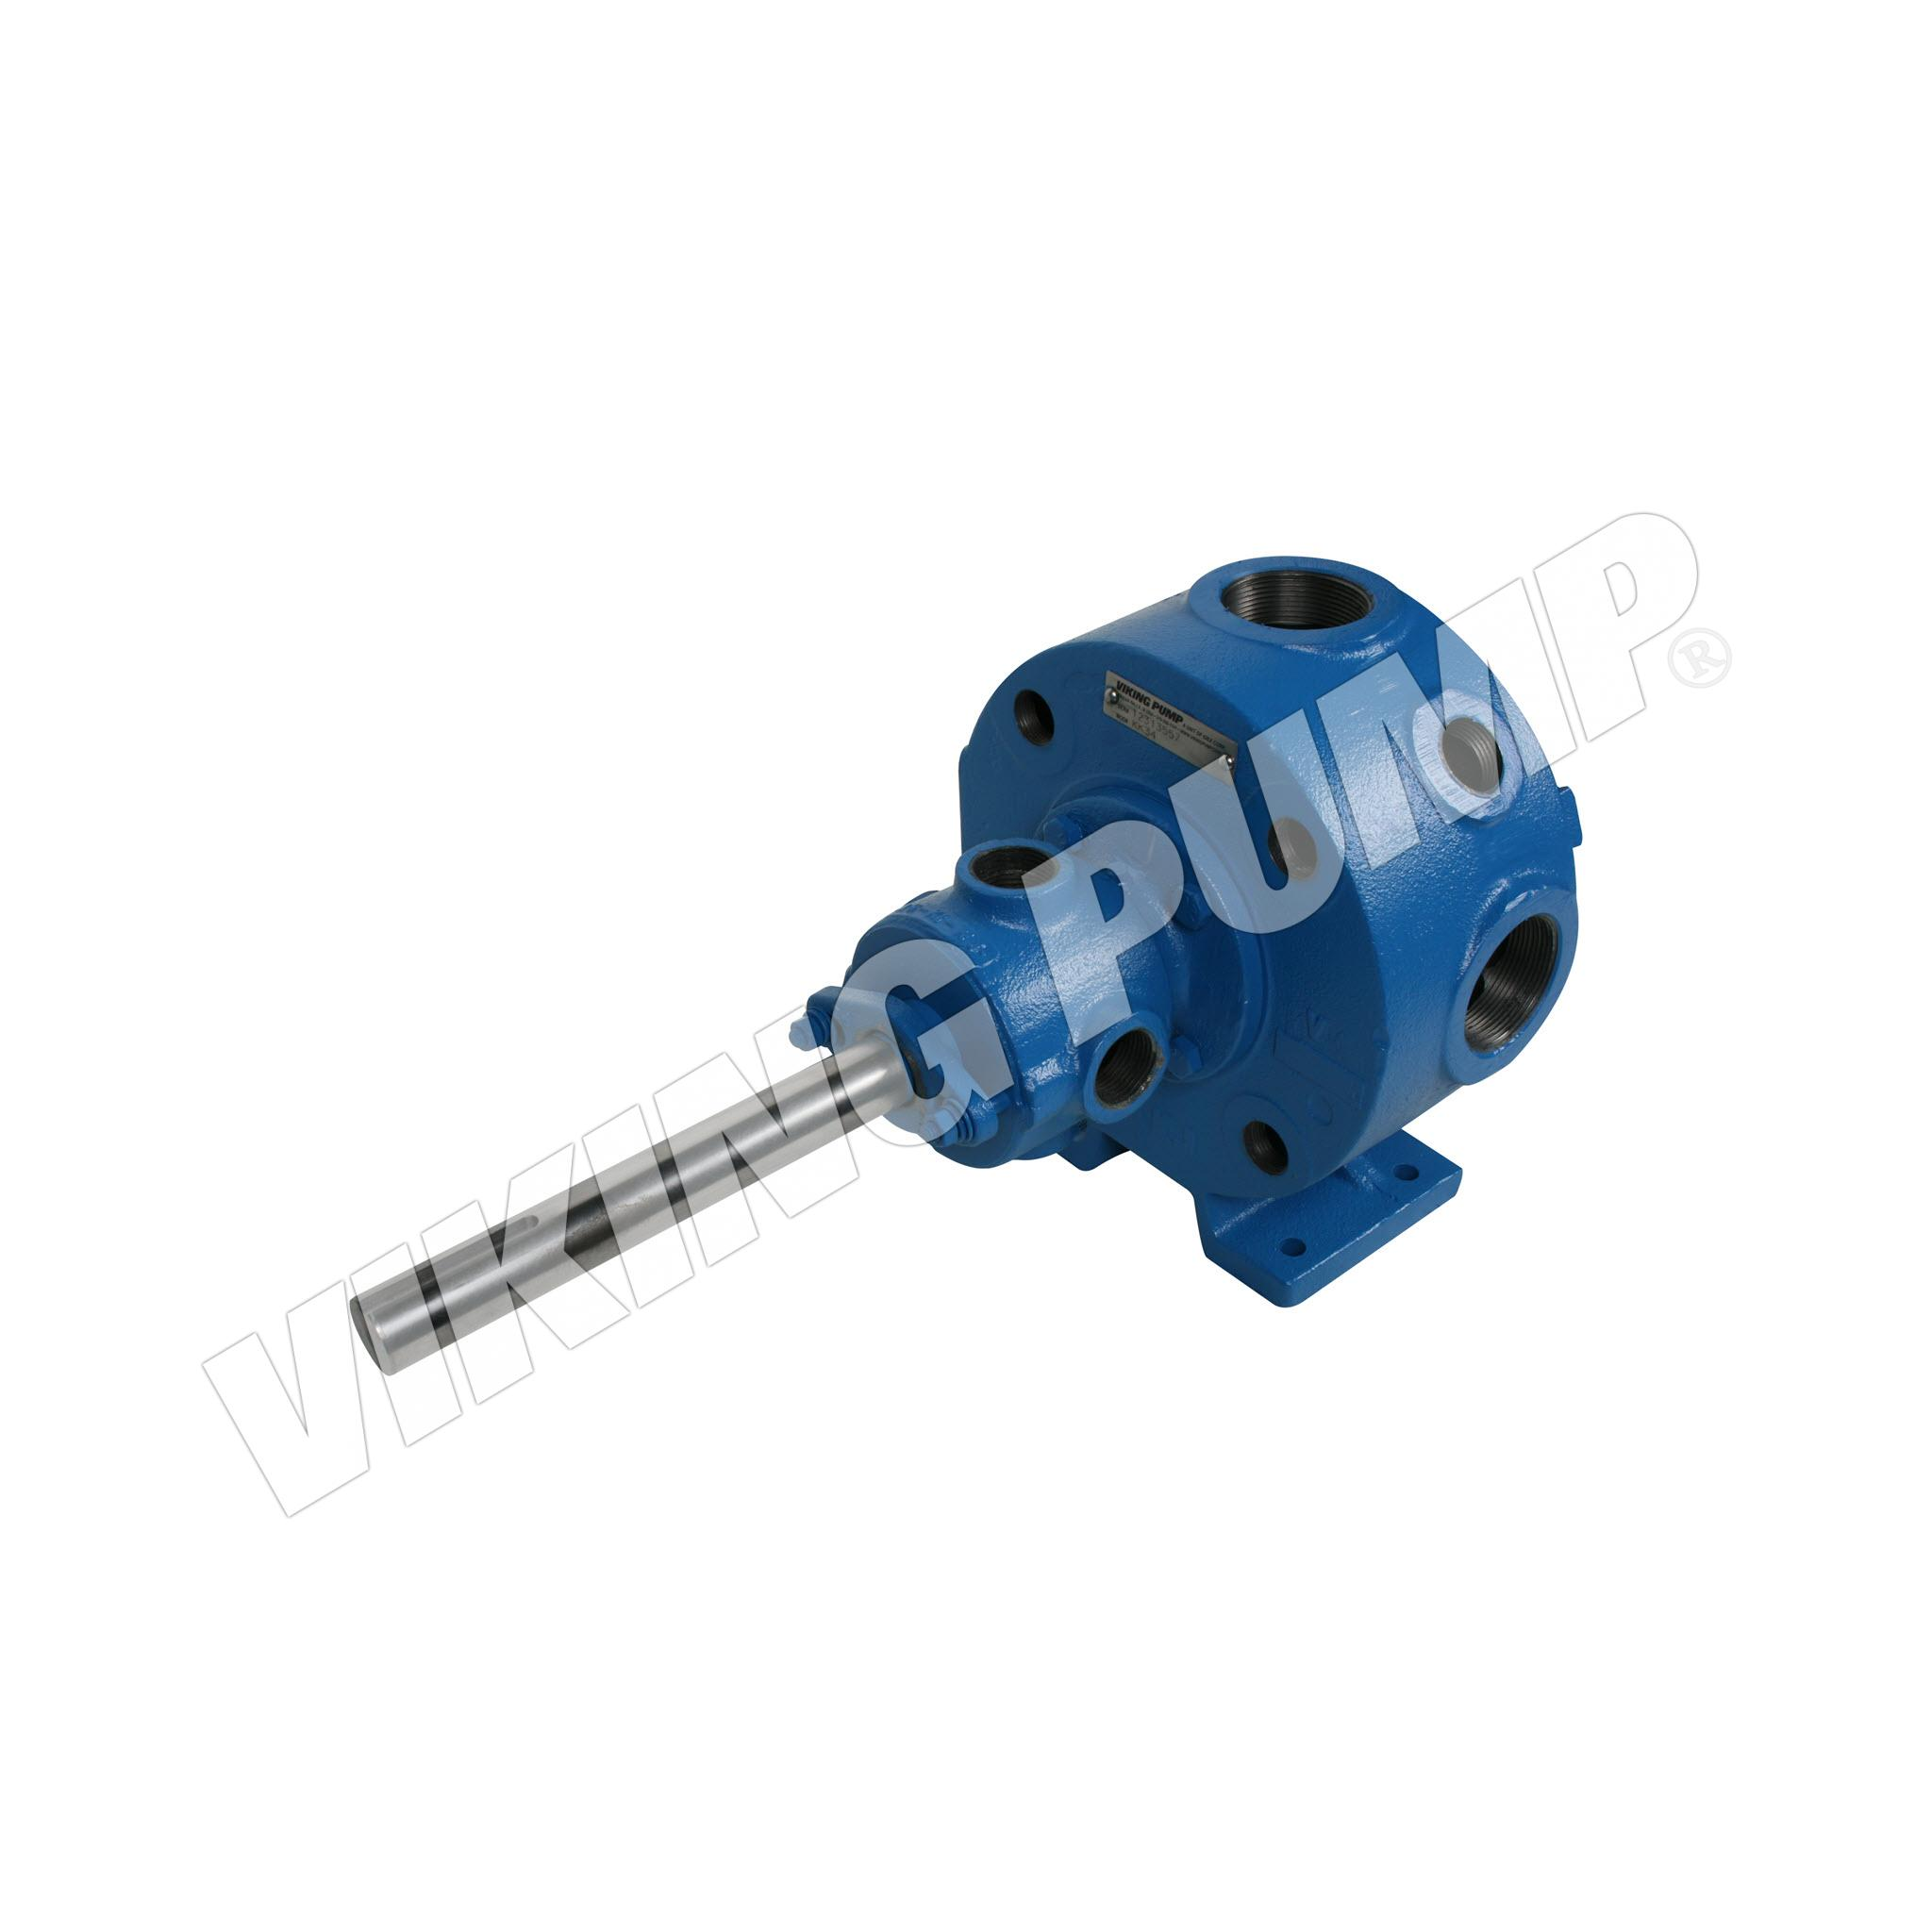 Model KK34 Pump